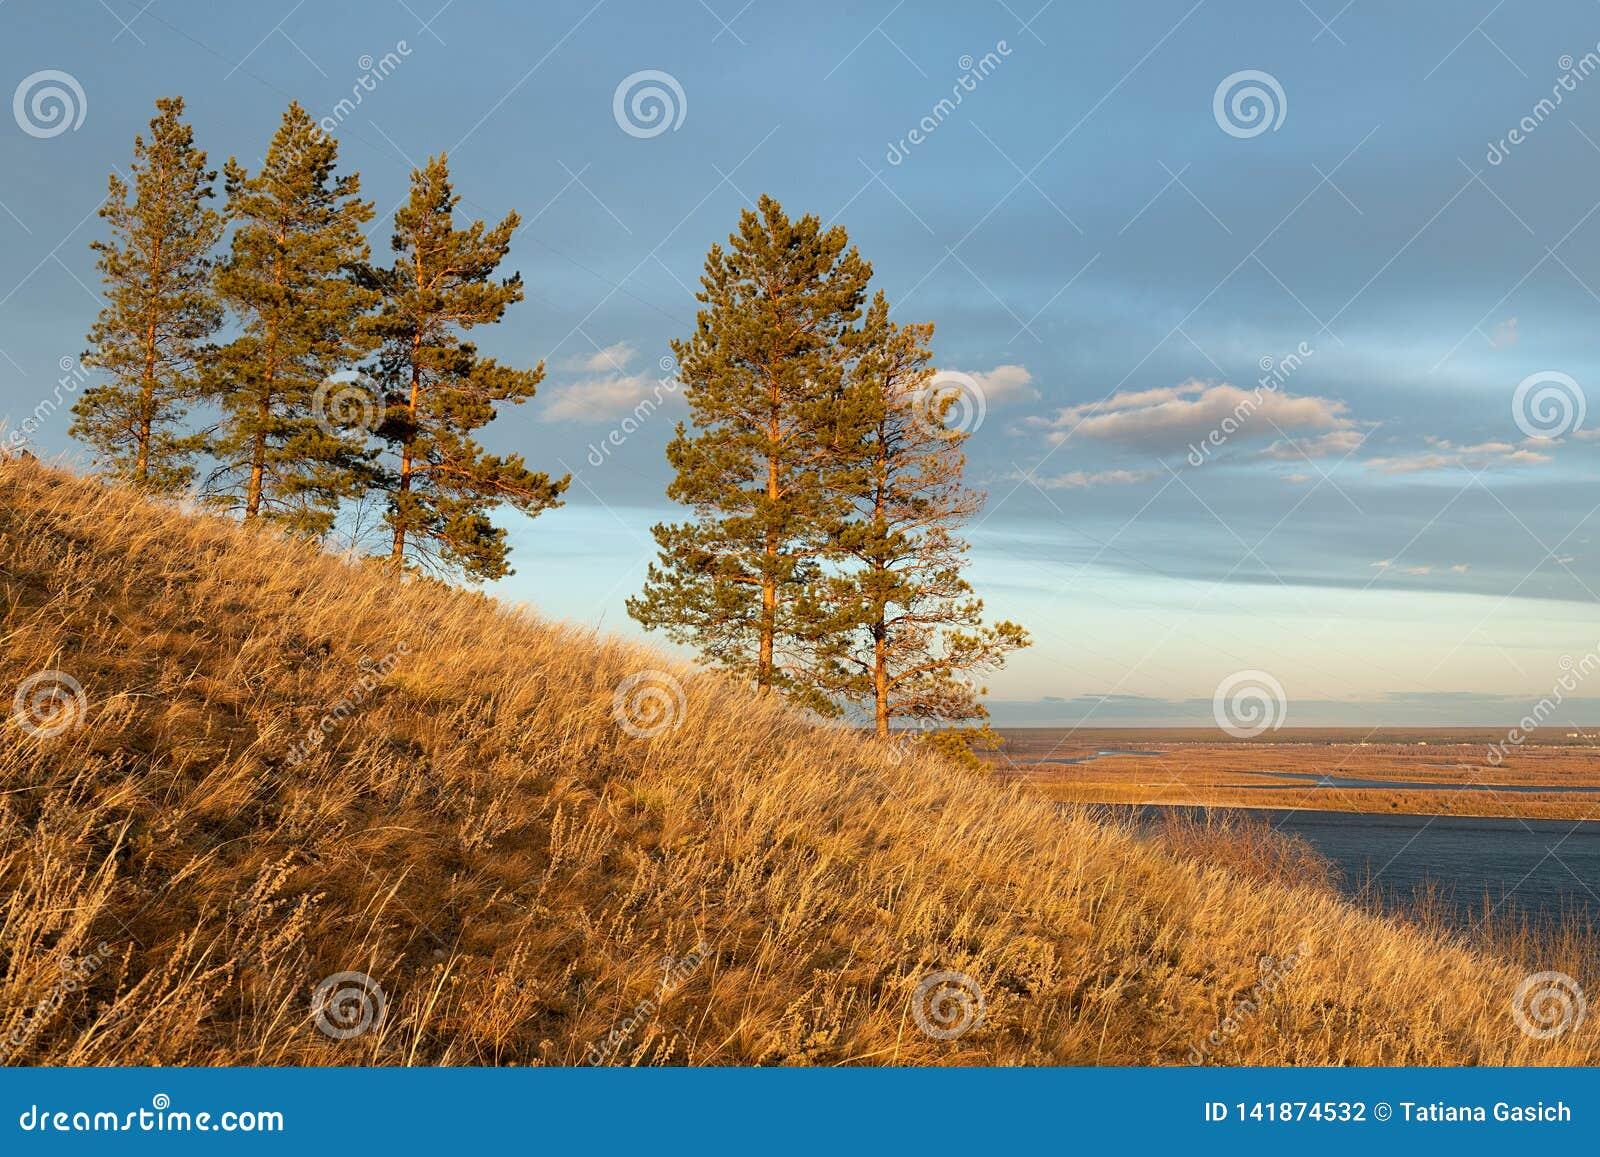 Paisaje del otoño con árboles y un río ancho